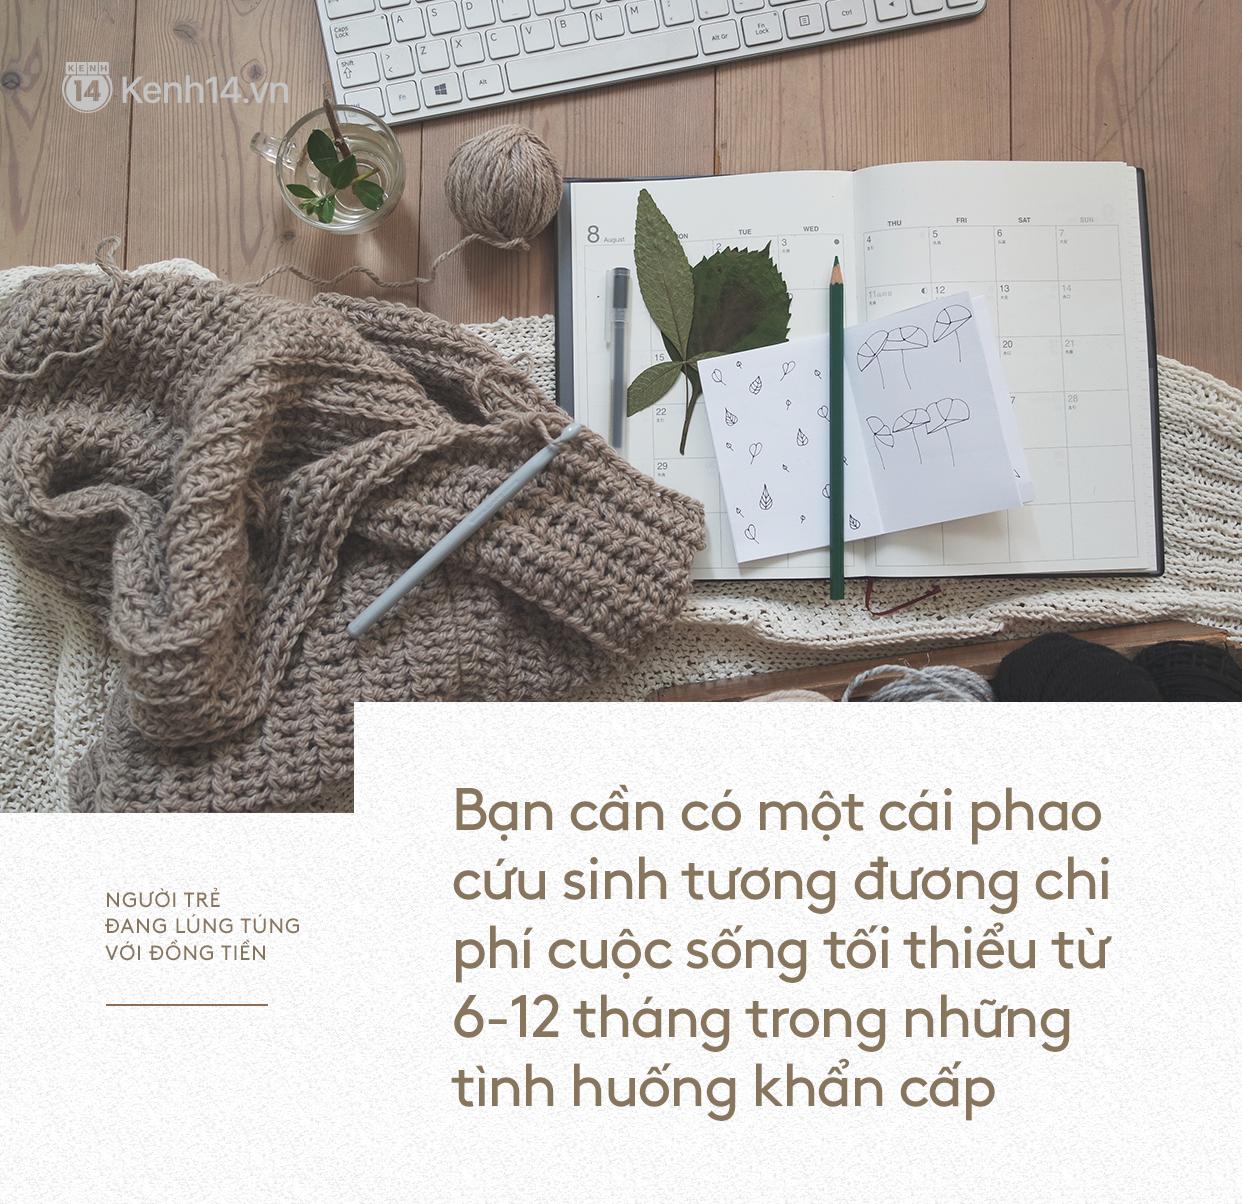 Người trẻ Việt: Làm ra bao nhiêu tiền cũng không thấy đủ, tiêu bao nhiêu cũng không thấy vừa! - Ảnh 4.